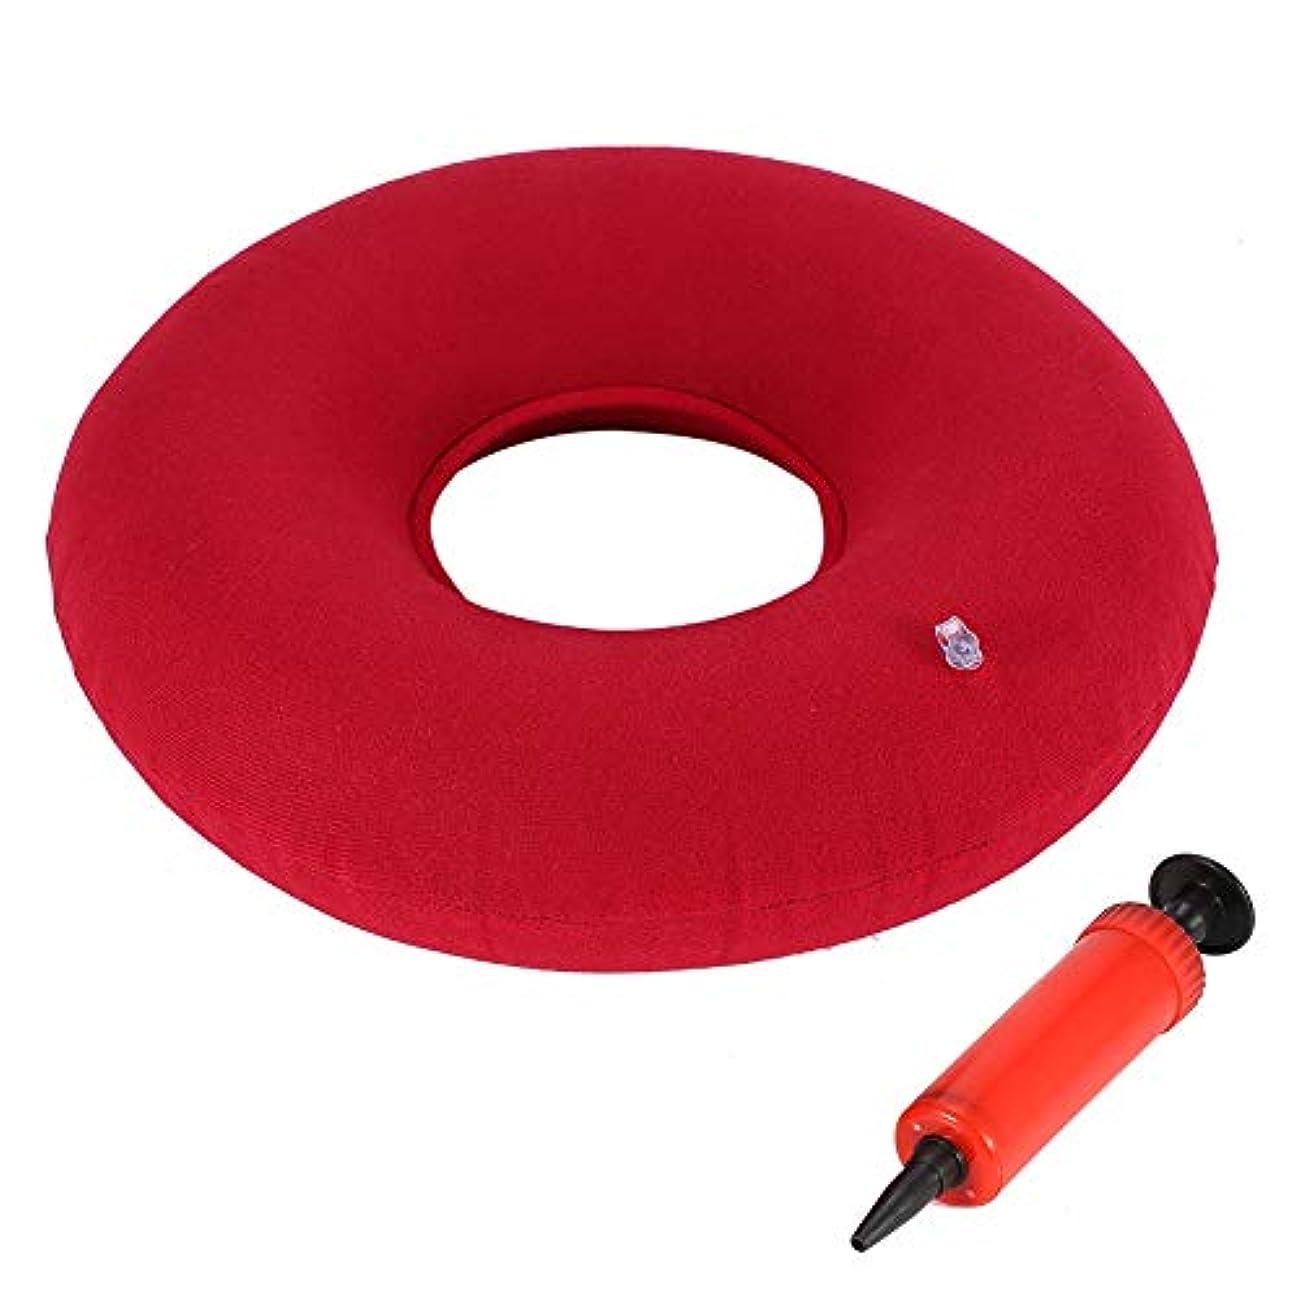 神秘知的仲人シートクッション、3色新しいインフレータブルラウンドチェアパッドヒップサポート痔シートクッション付きポンプ(赤)